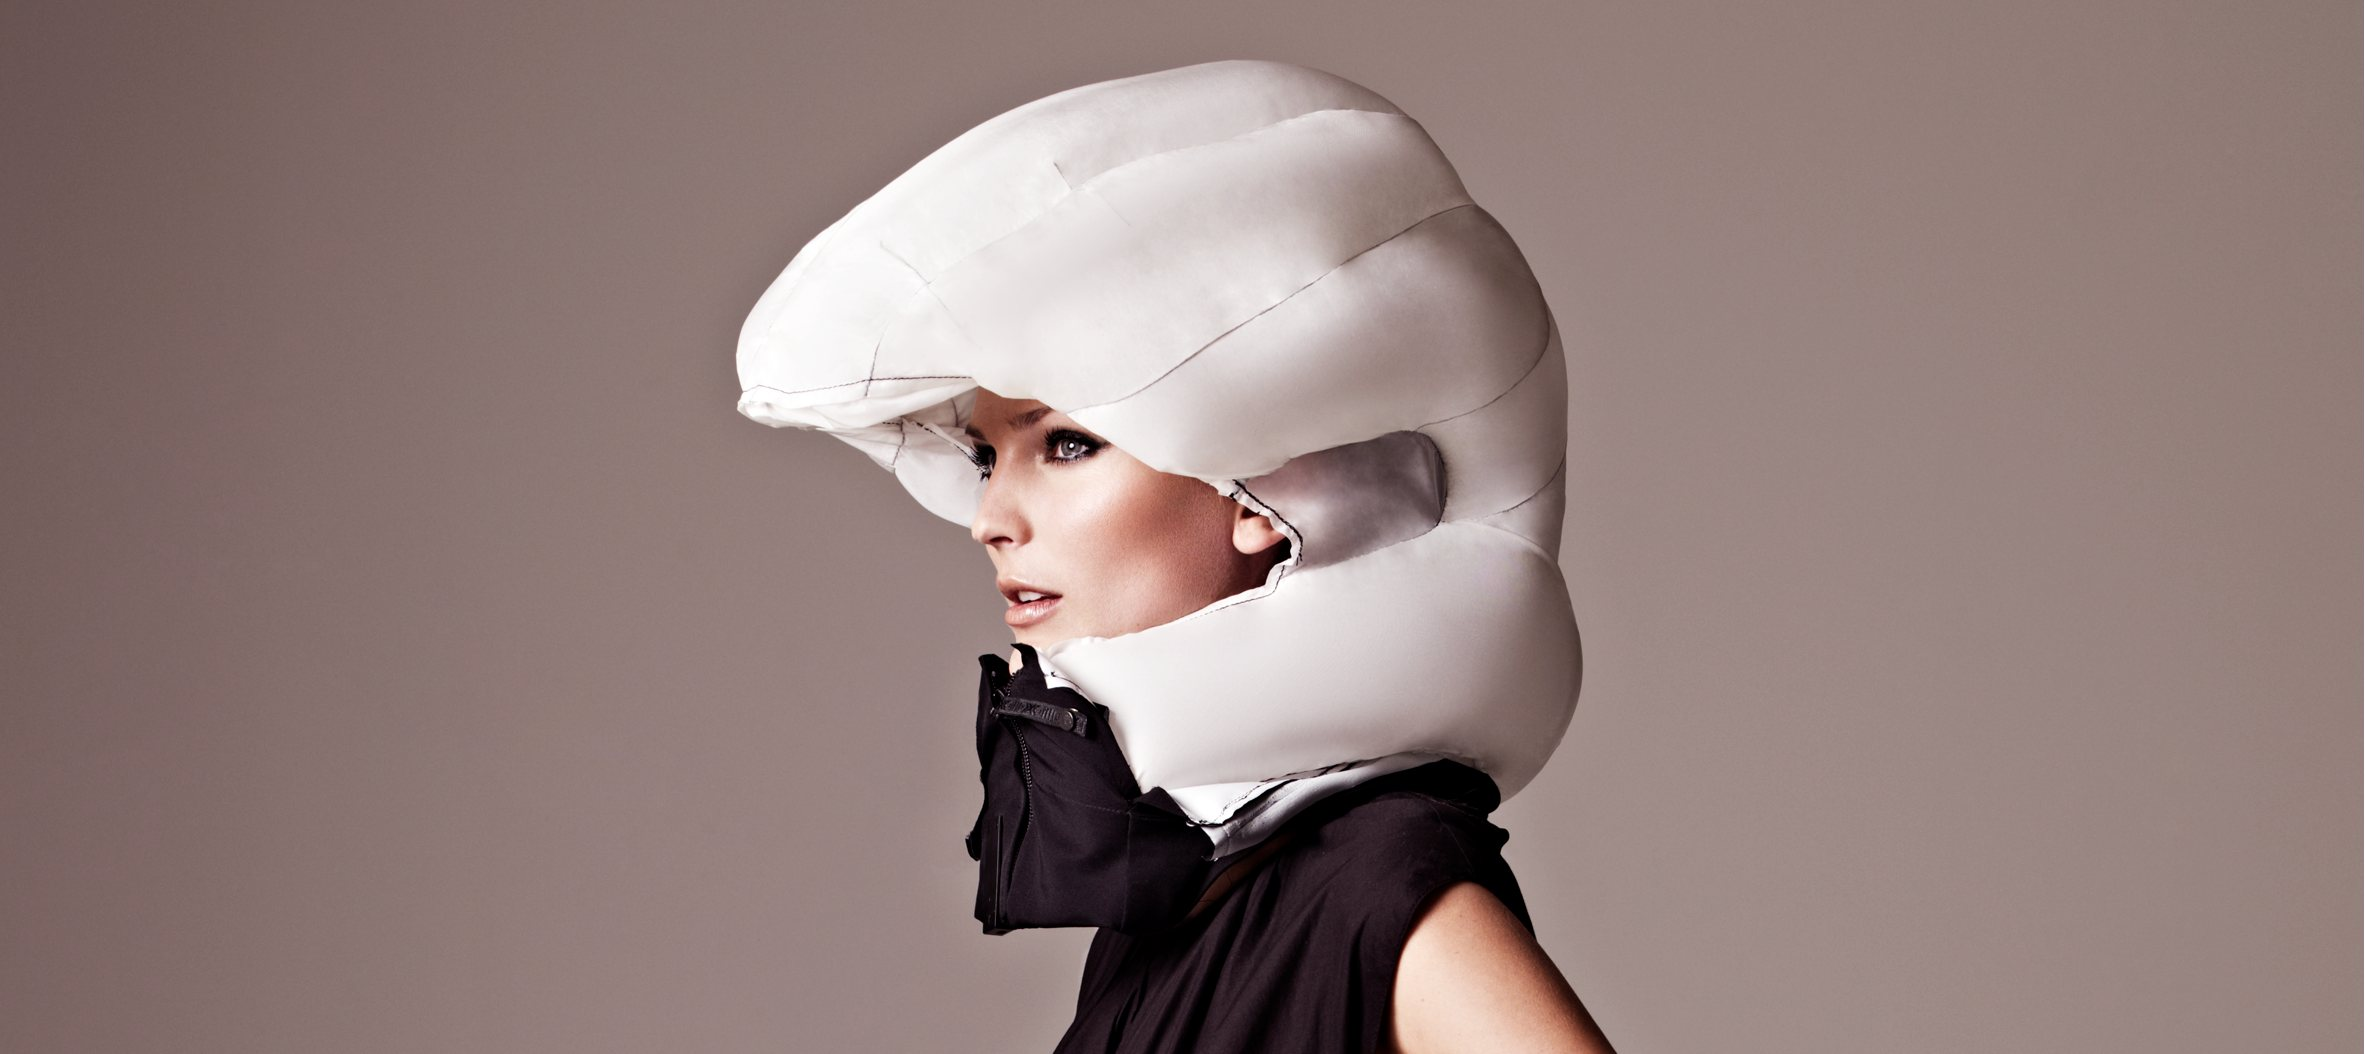 Hövding Bike Helmet Open